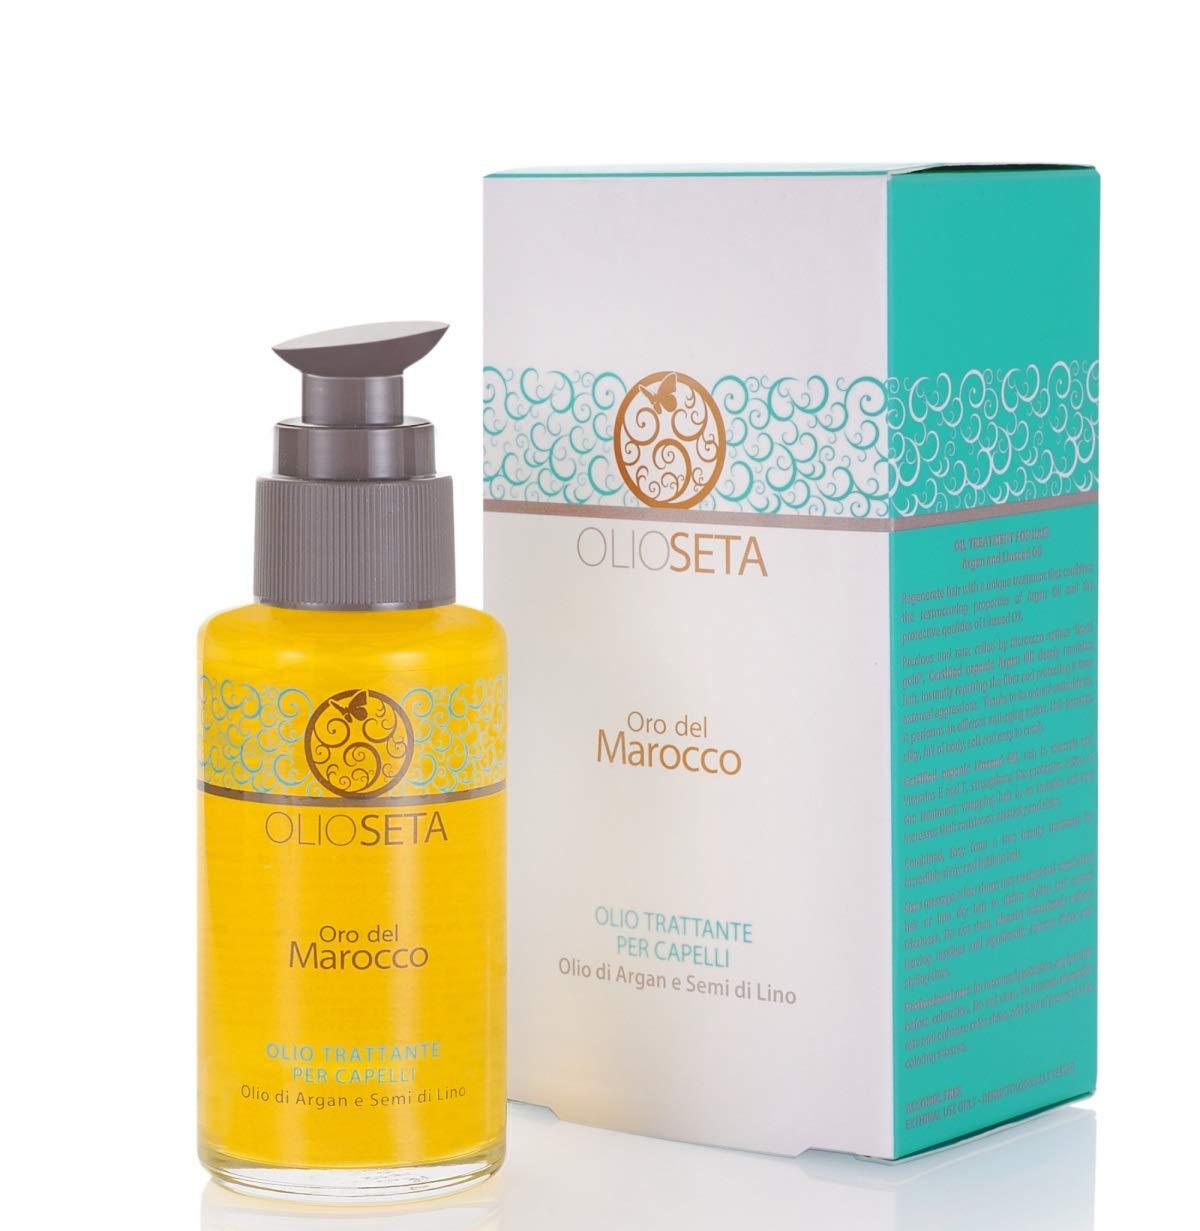 Barex Italiana Olioseta oro del Marocco Oil Treatment for Hair (3.38 fl.oz.)